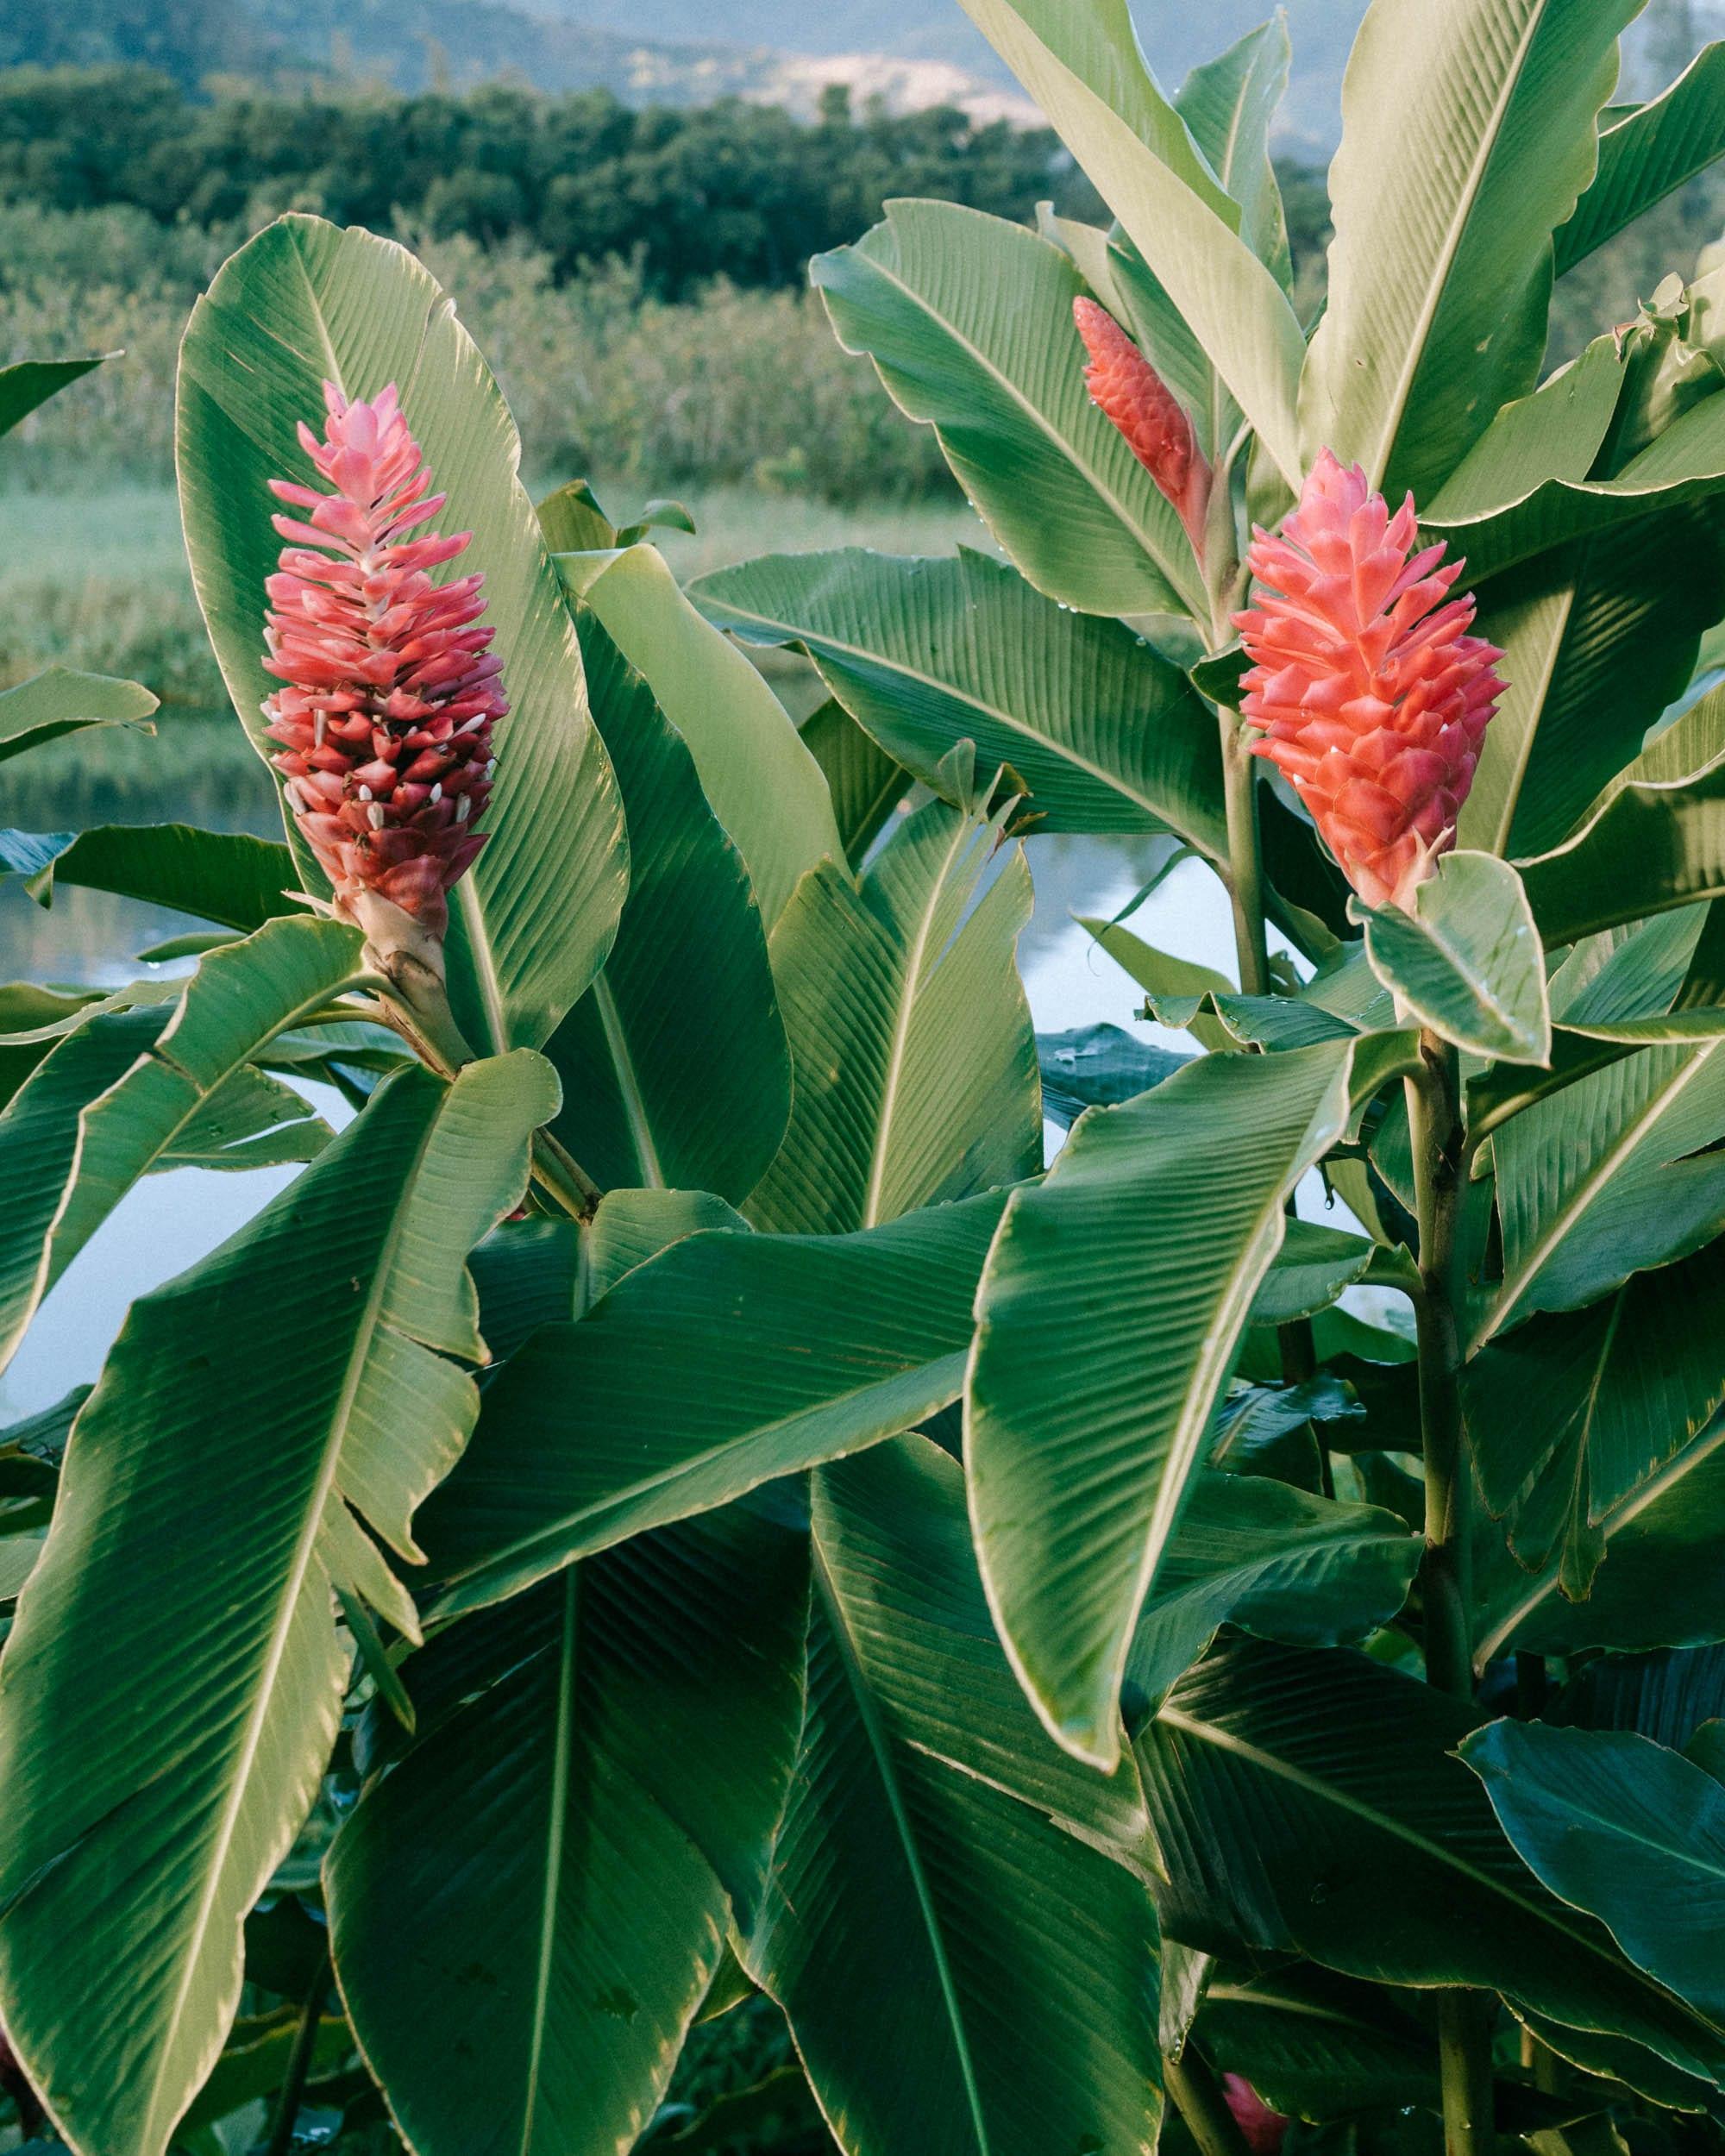 Flowers in Kauai Find Us Lost